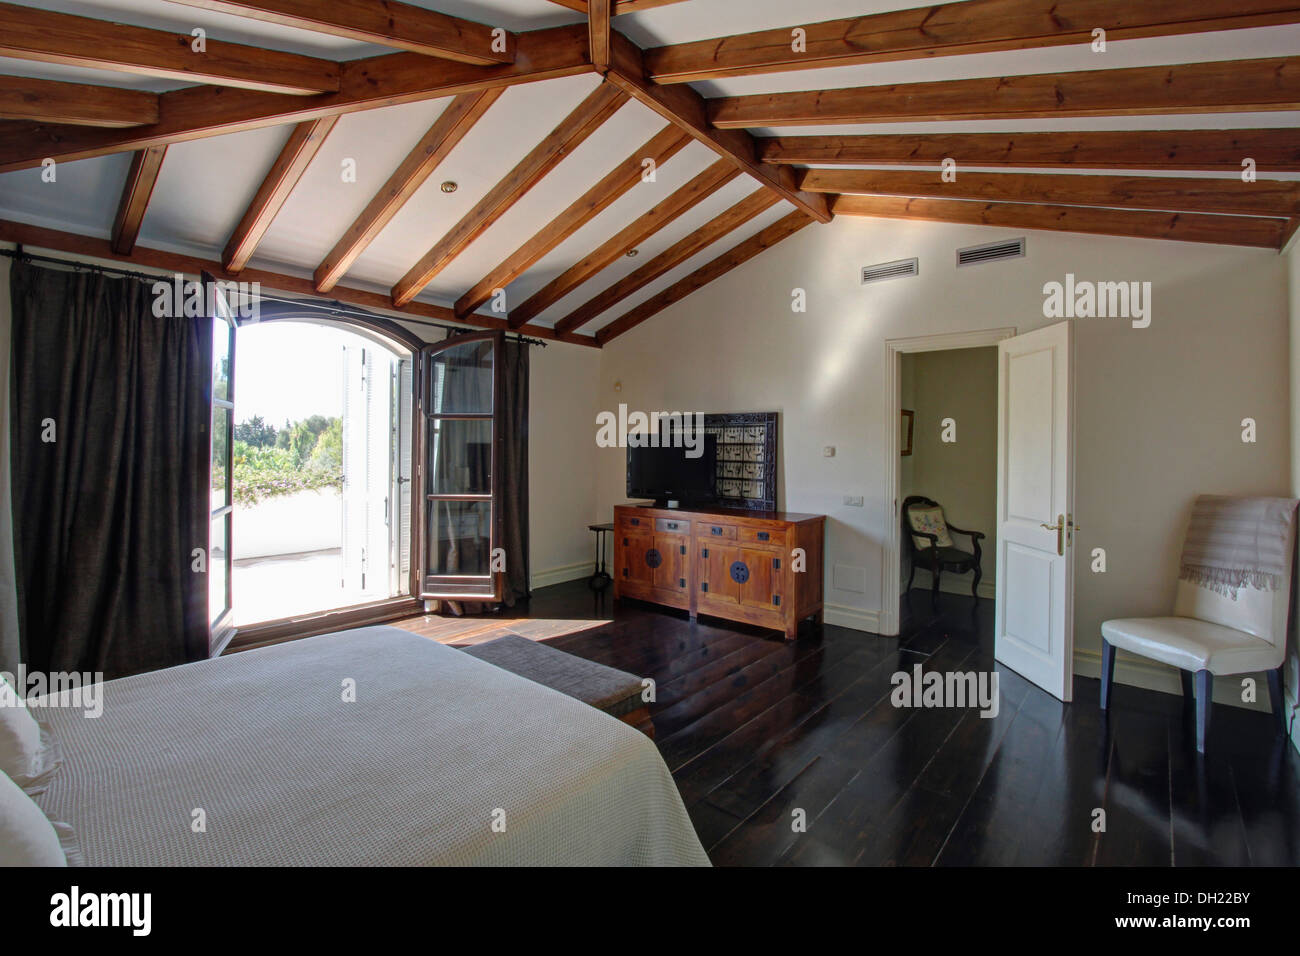 Schlafzimmer Tur Offnen #19: Polierte Dunklen Holzboden Im Spanischen Schlafzimmer Mit Holzbalken Decke  Und Glas Türen öffnen Sich Zur Terrasse